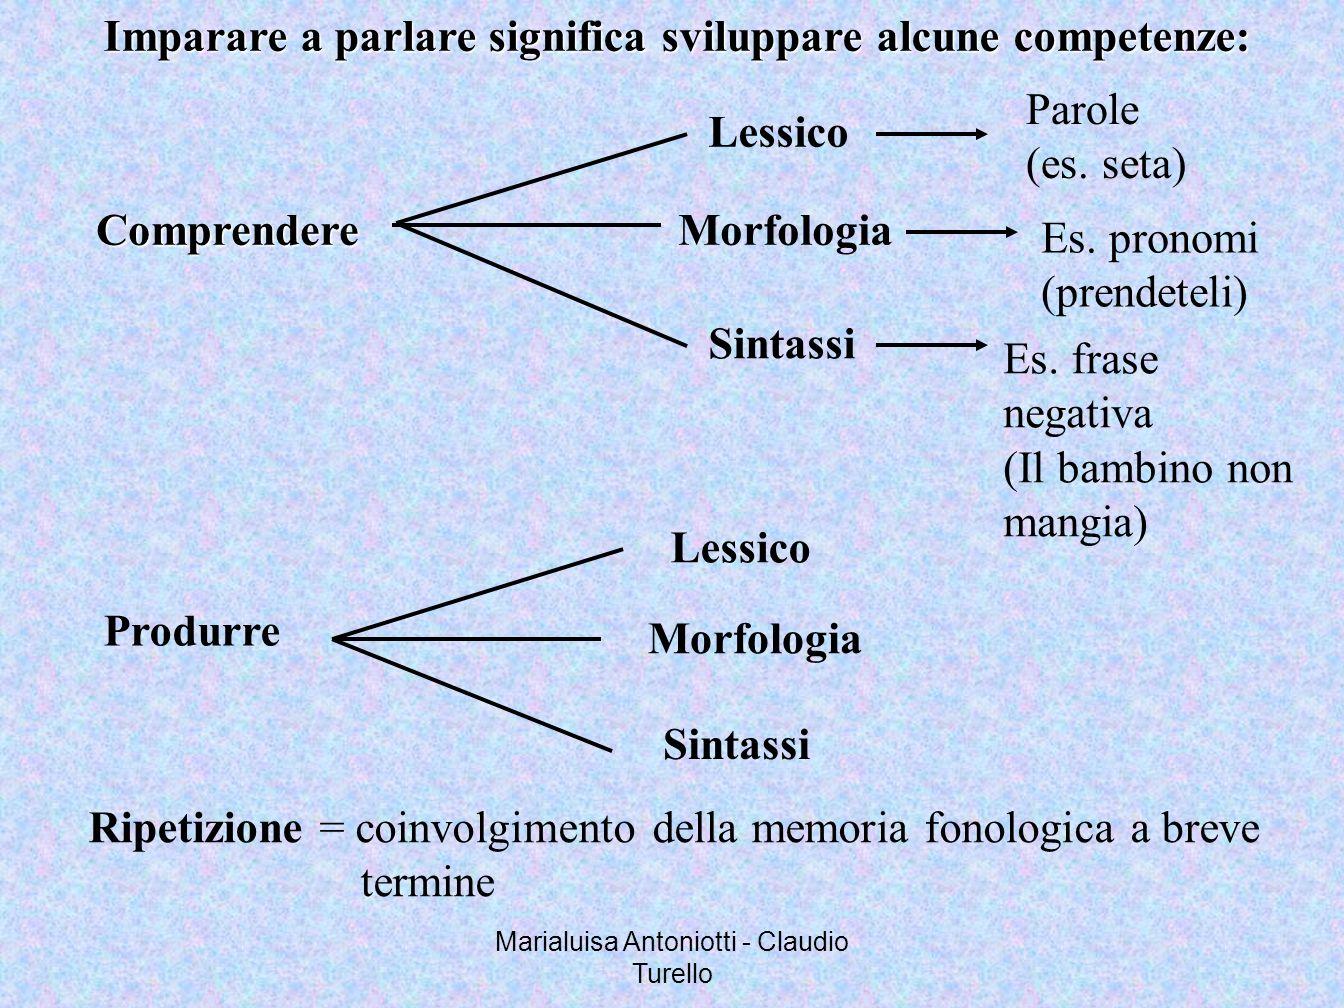 Marialuisa Antoniotti - Claudio Turello Imparare a parlare significa sviluppare alcune competenze: Comprendere Lessico Parole (es. seta) Morfologia Es